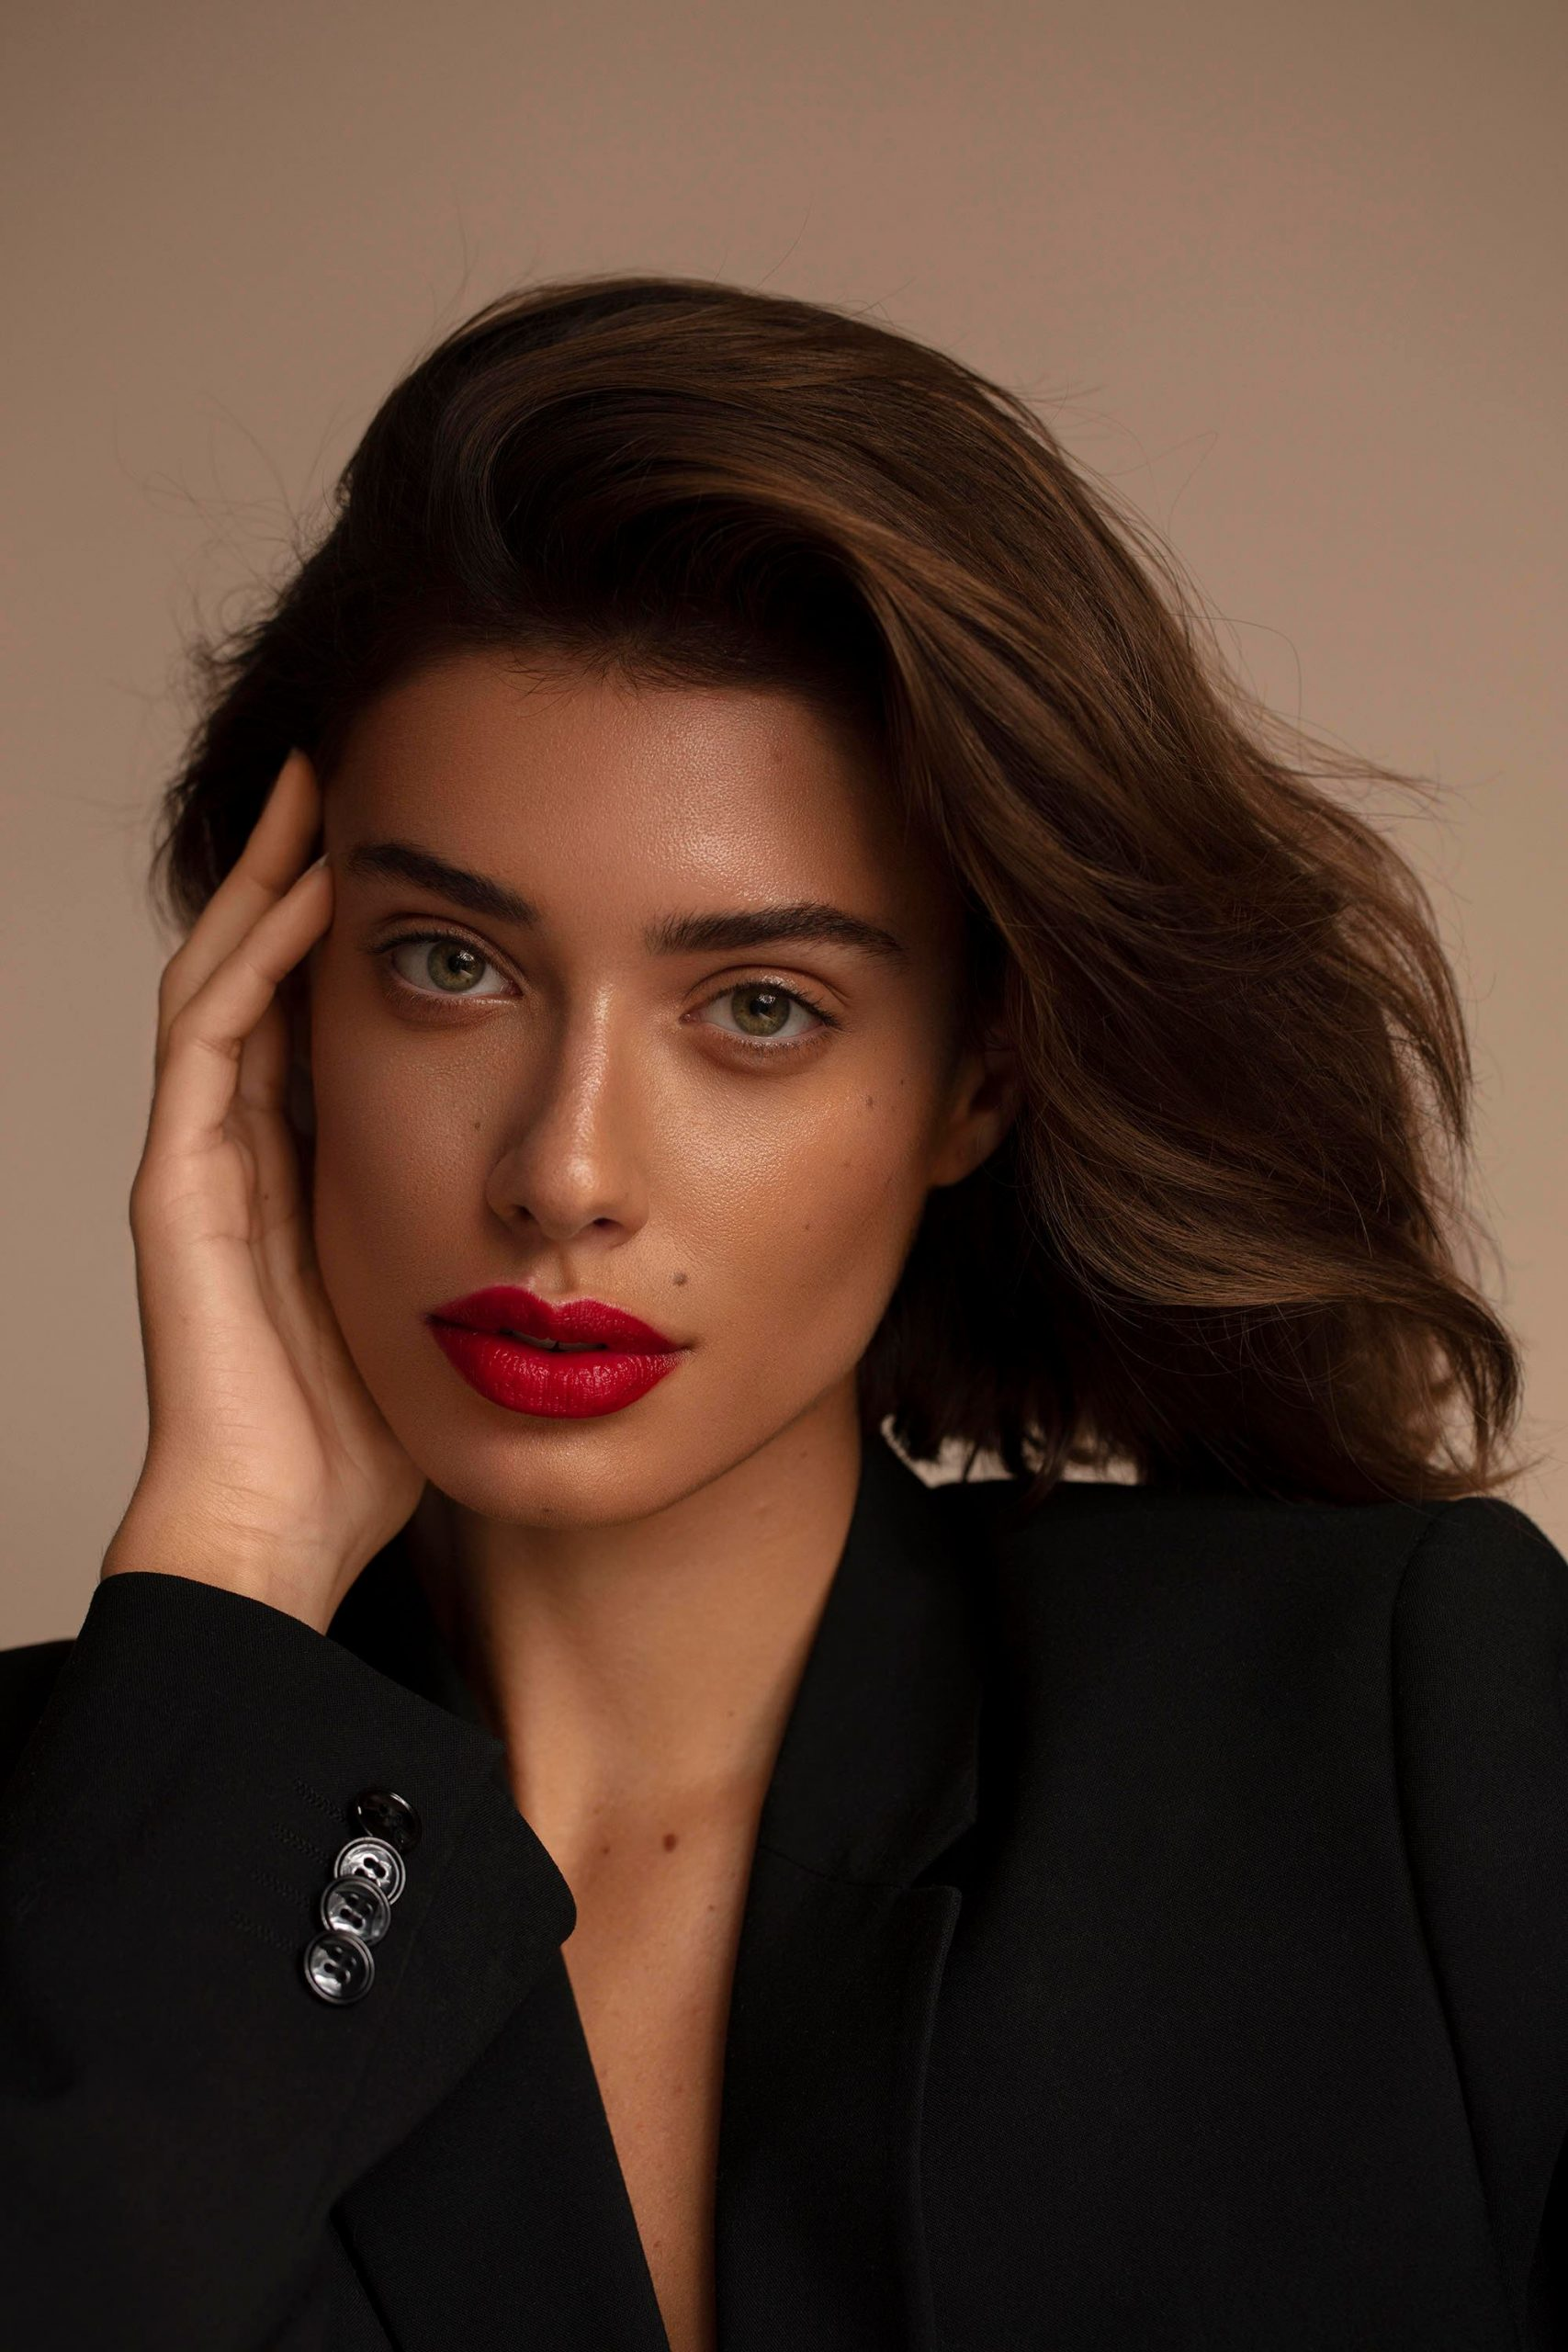 rode lippenstift houdbaar maken